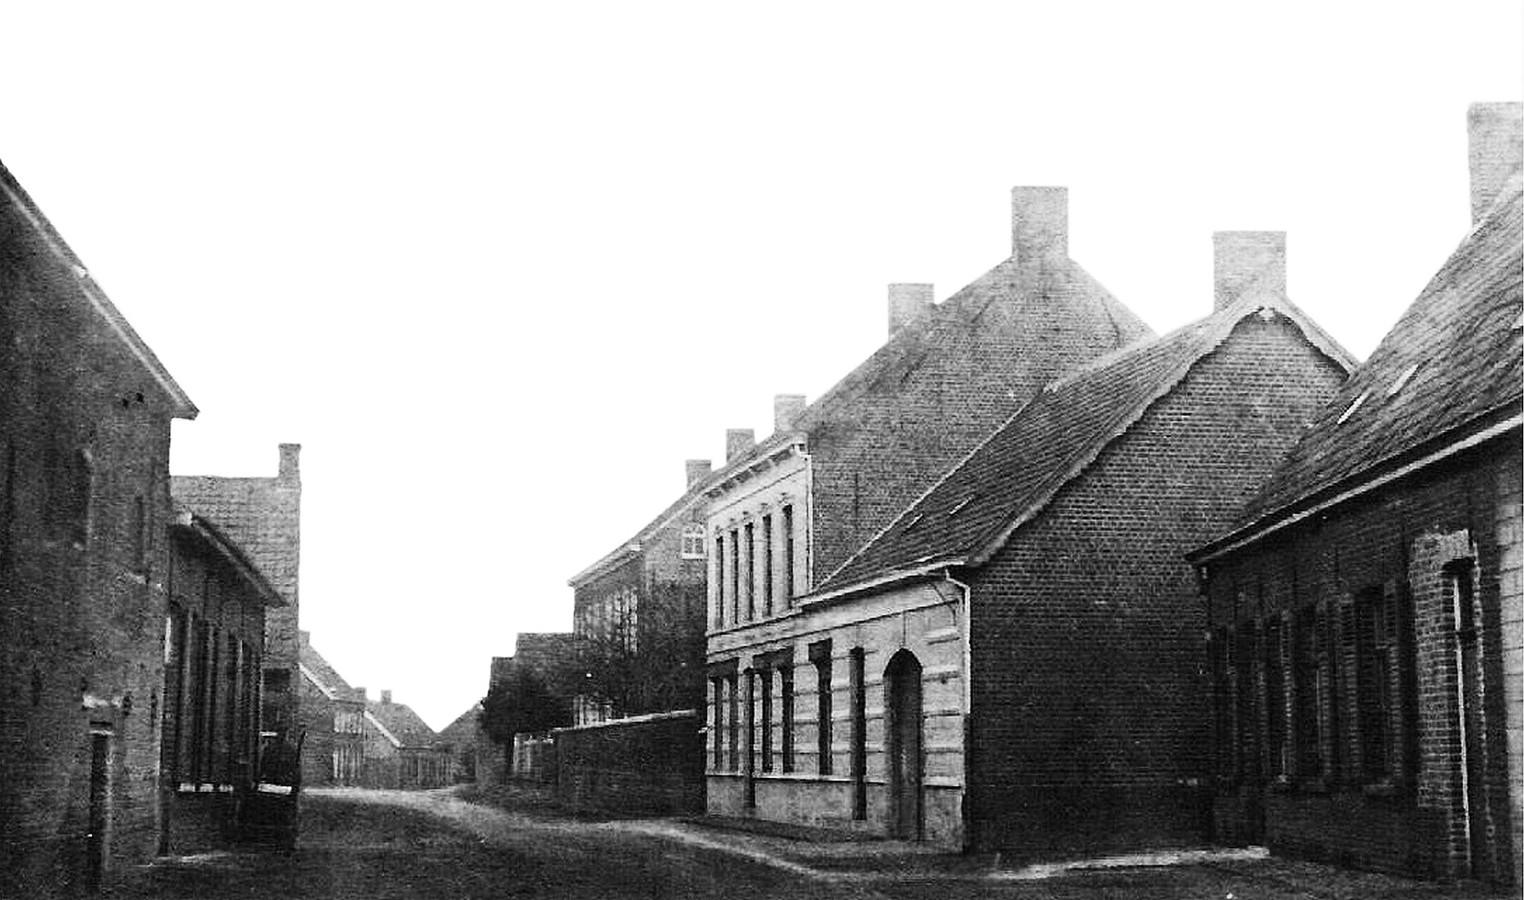 De Hogestraat in Kachtem anno 1916.